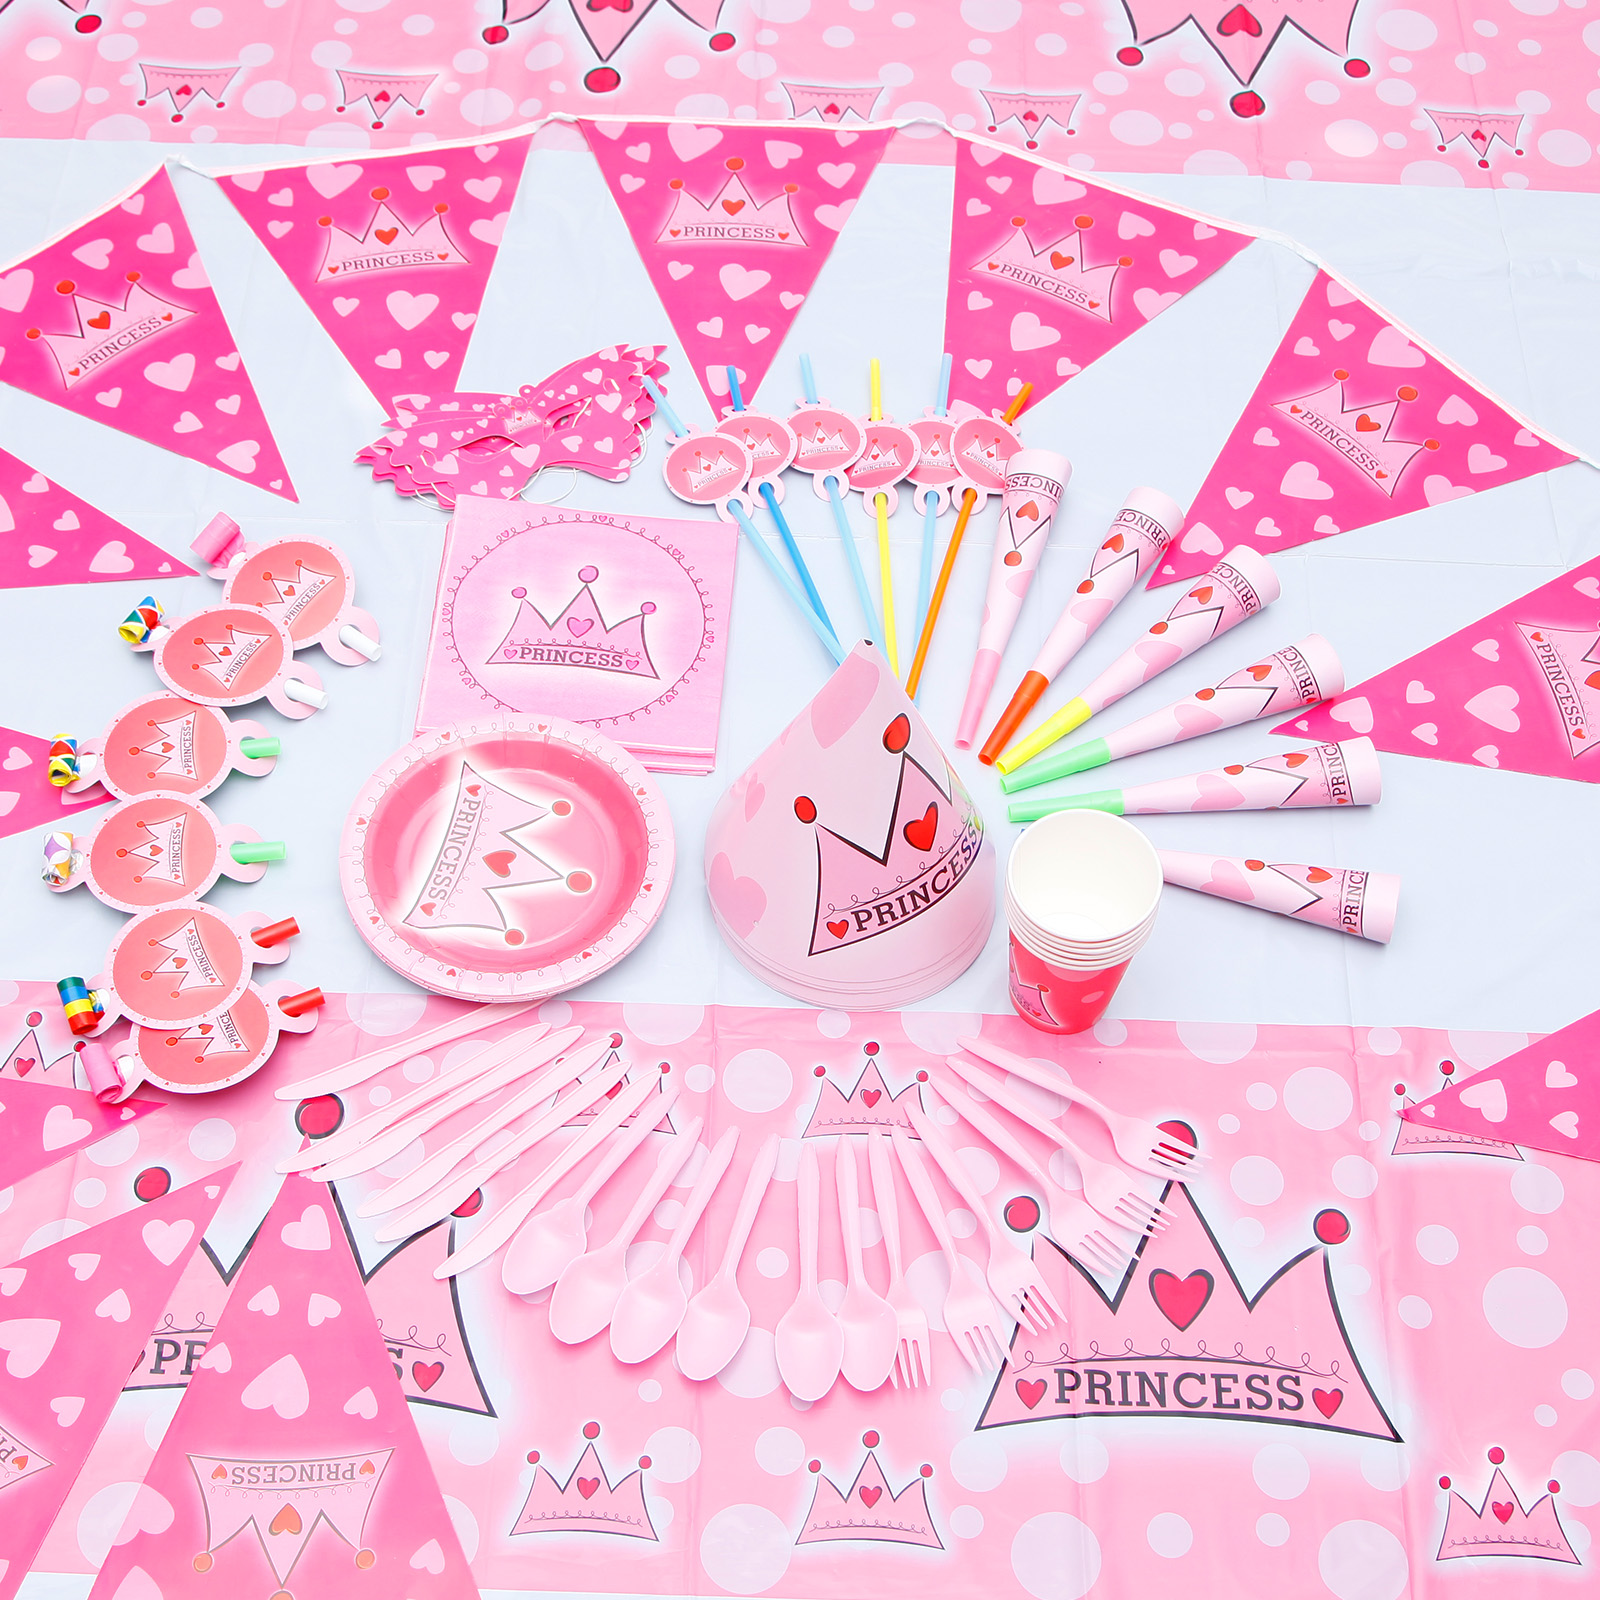 Traumhaft m dchen junge kindergeburtstag dekoration party for Kindergeburtstag deko set